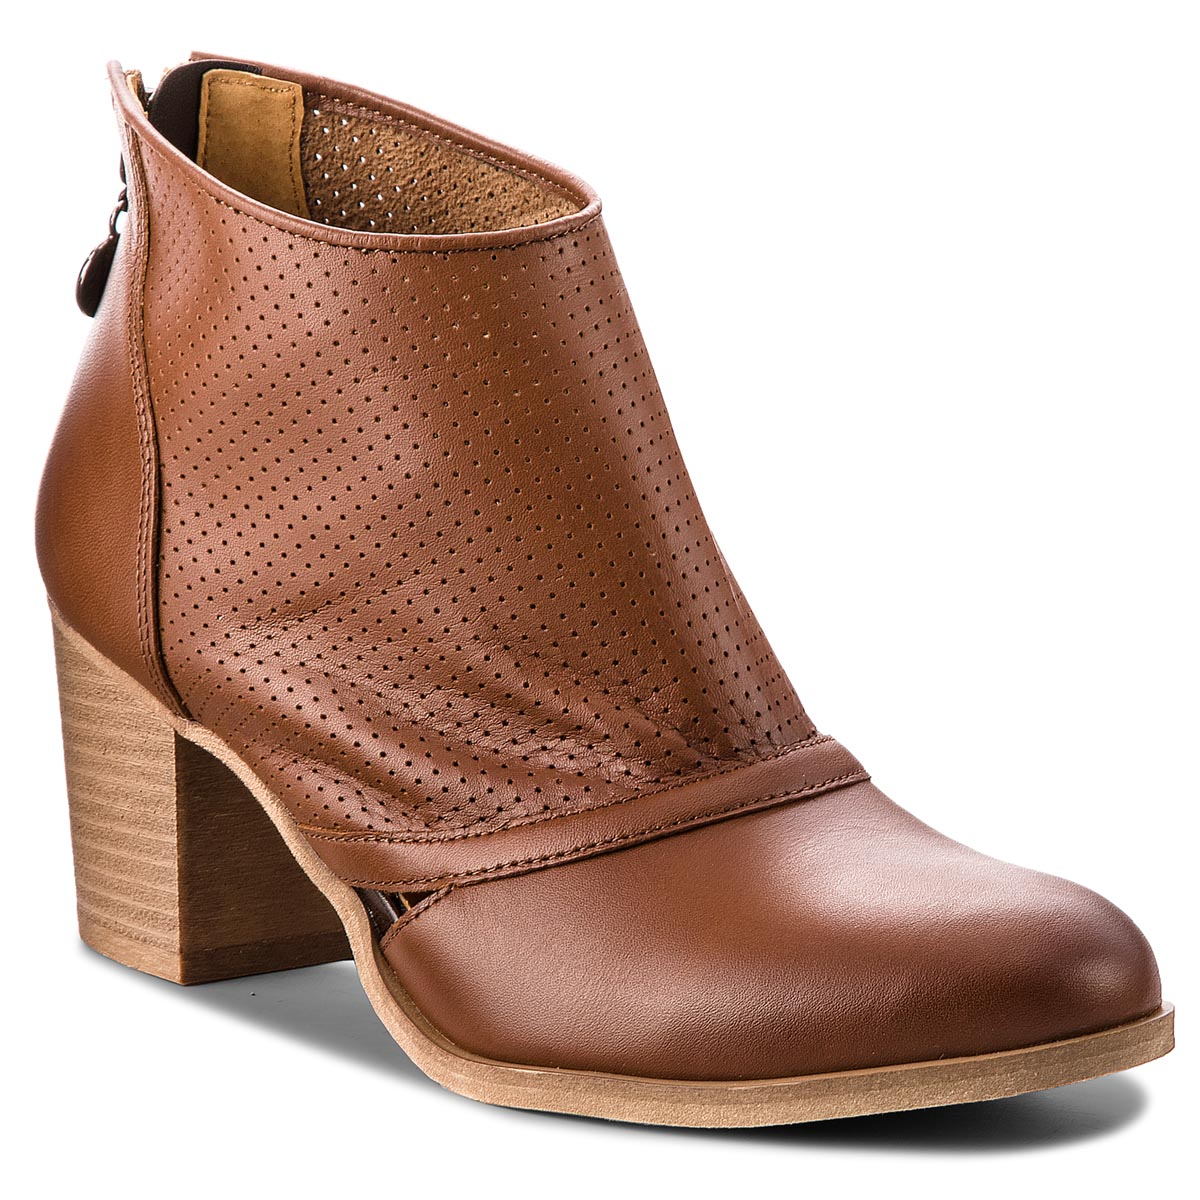 Členková obuv SERGIO BARDI - Casape SS127331218RB 604 - Glami.sk e04cb4a3ca4